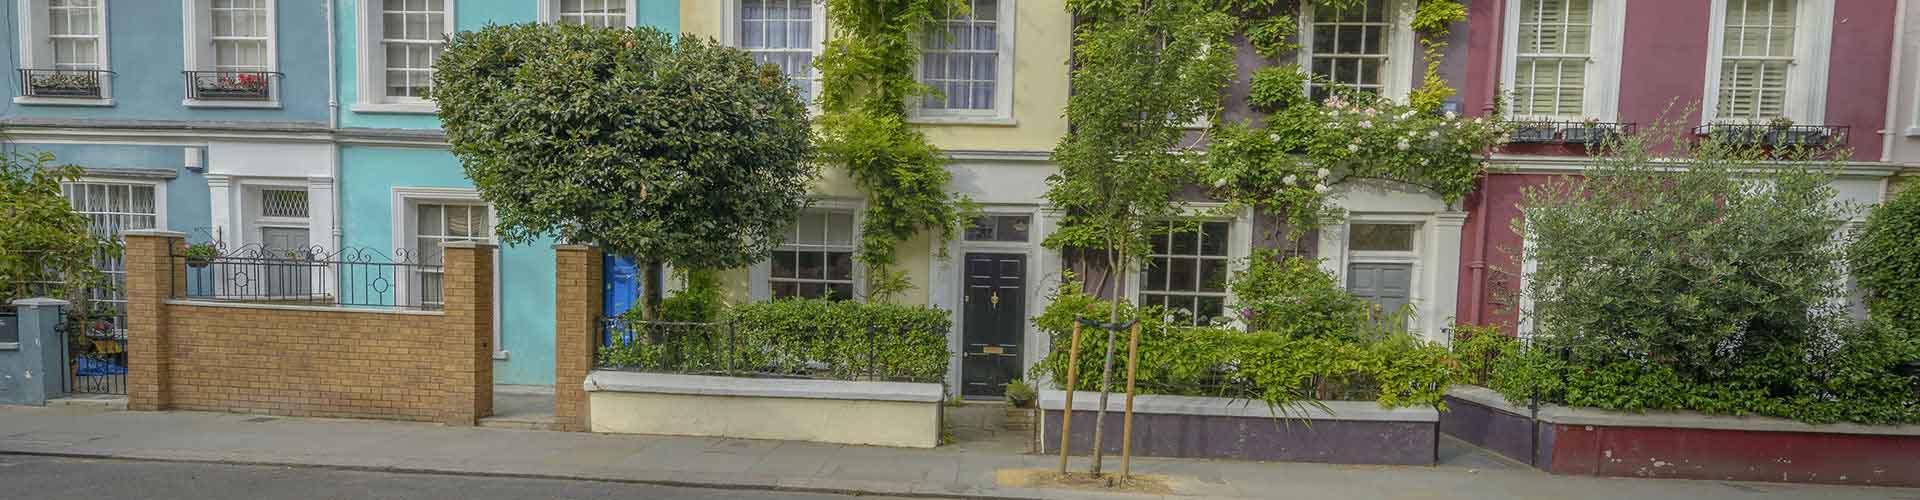 런던 - Notting Hill지역에 위치한 호텔. 런던의 지도, 런던에 위치한 호텔에 대한 사진 및 리뷰.